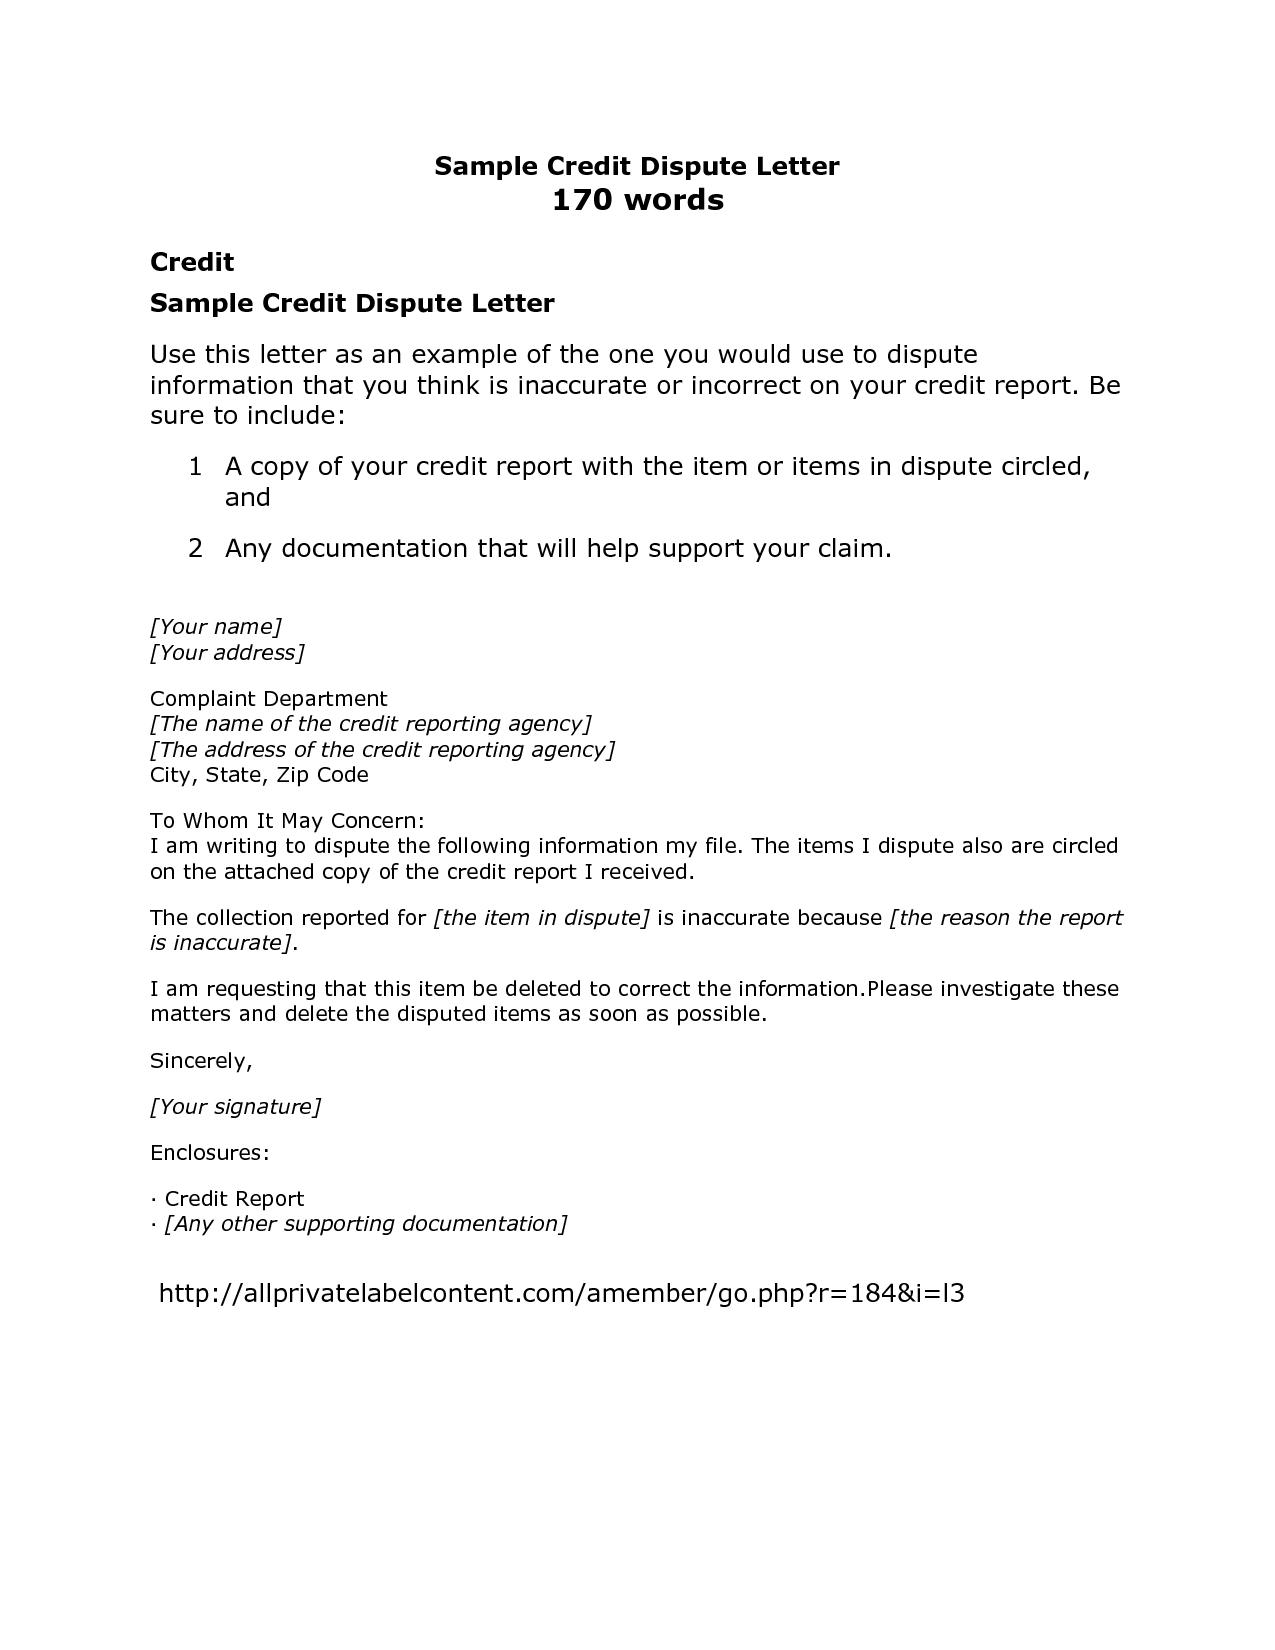 Credit Card Dispute Letter Sample Credit Repair Secrets Exposed Here Credit Dispute Credit Repair Letters Credit Repair